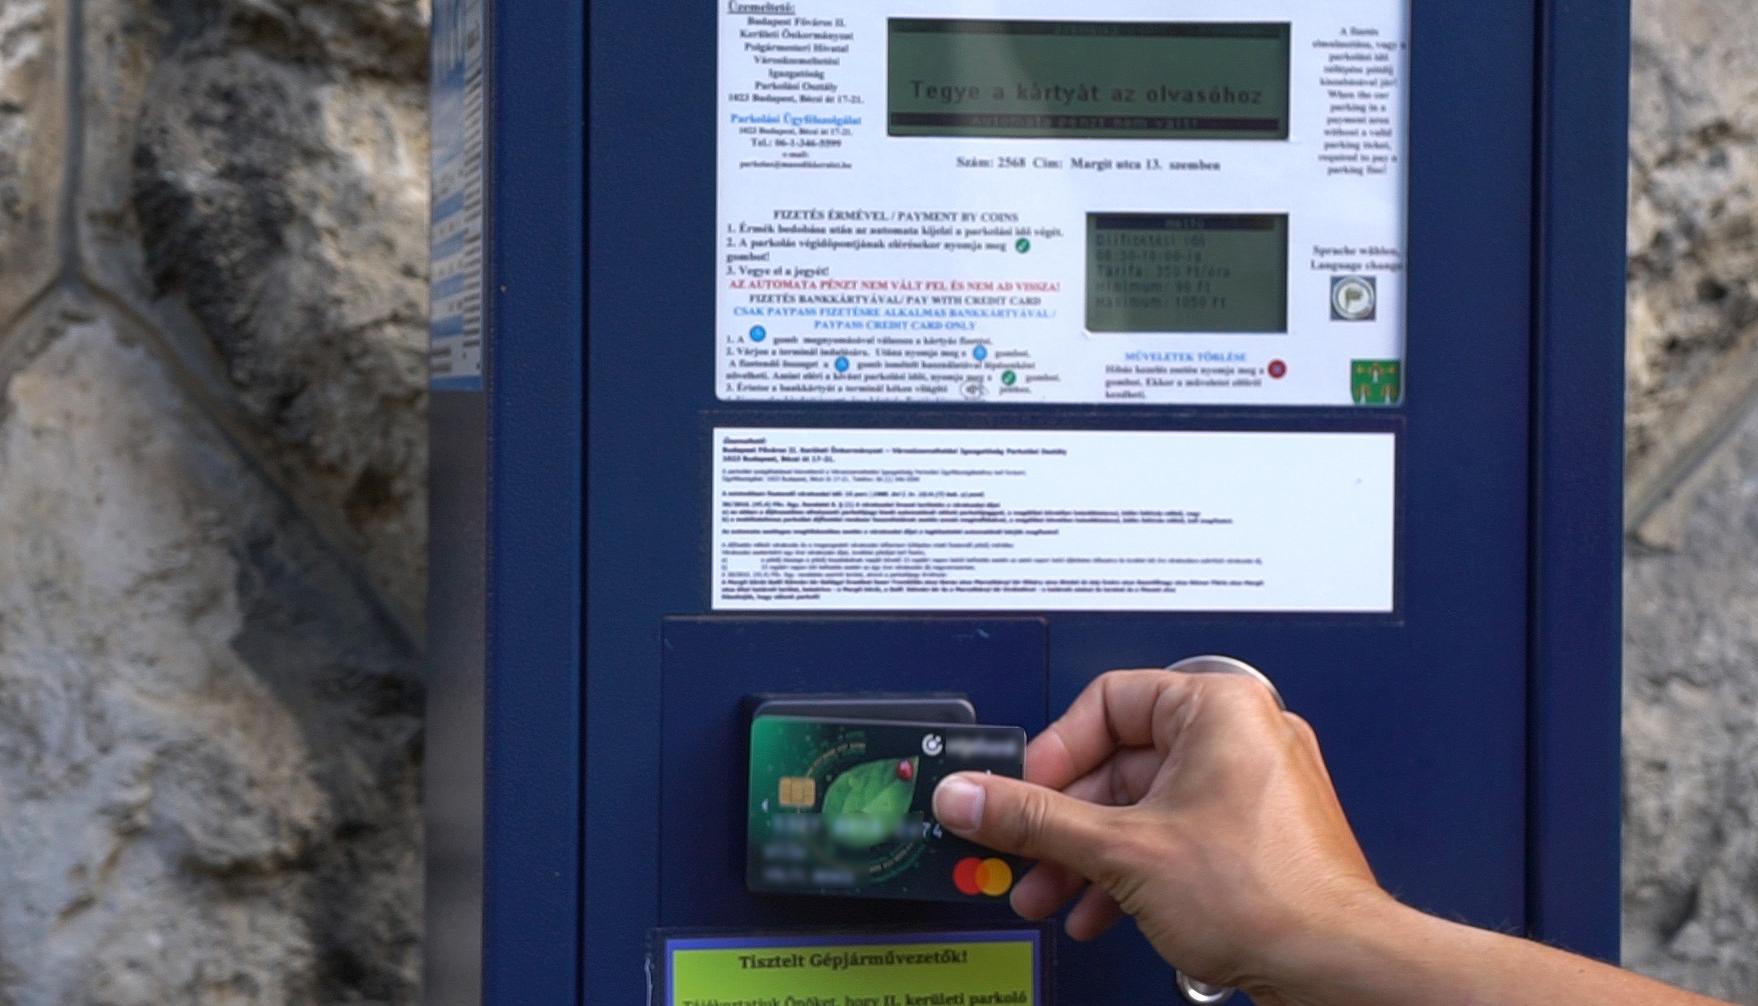 Csoda: Az egyik budapesti kerületben tettek valamit, hogy ne a parkolási vállalkozóknál landoljon az autósok összes pénze